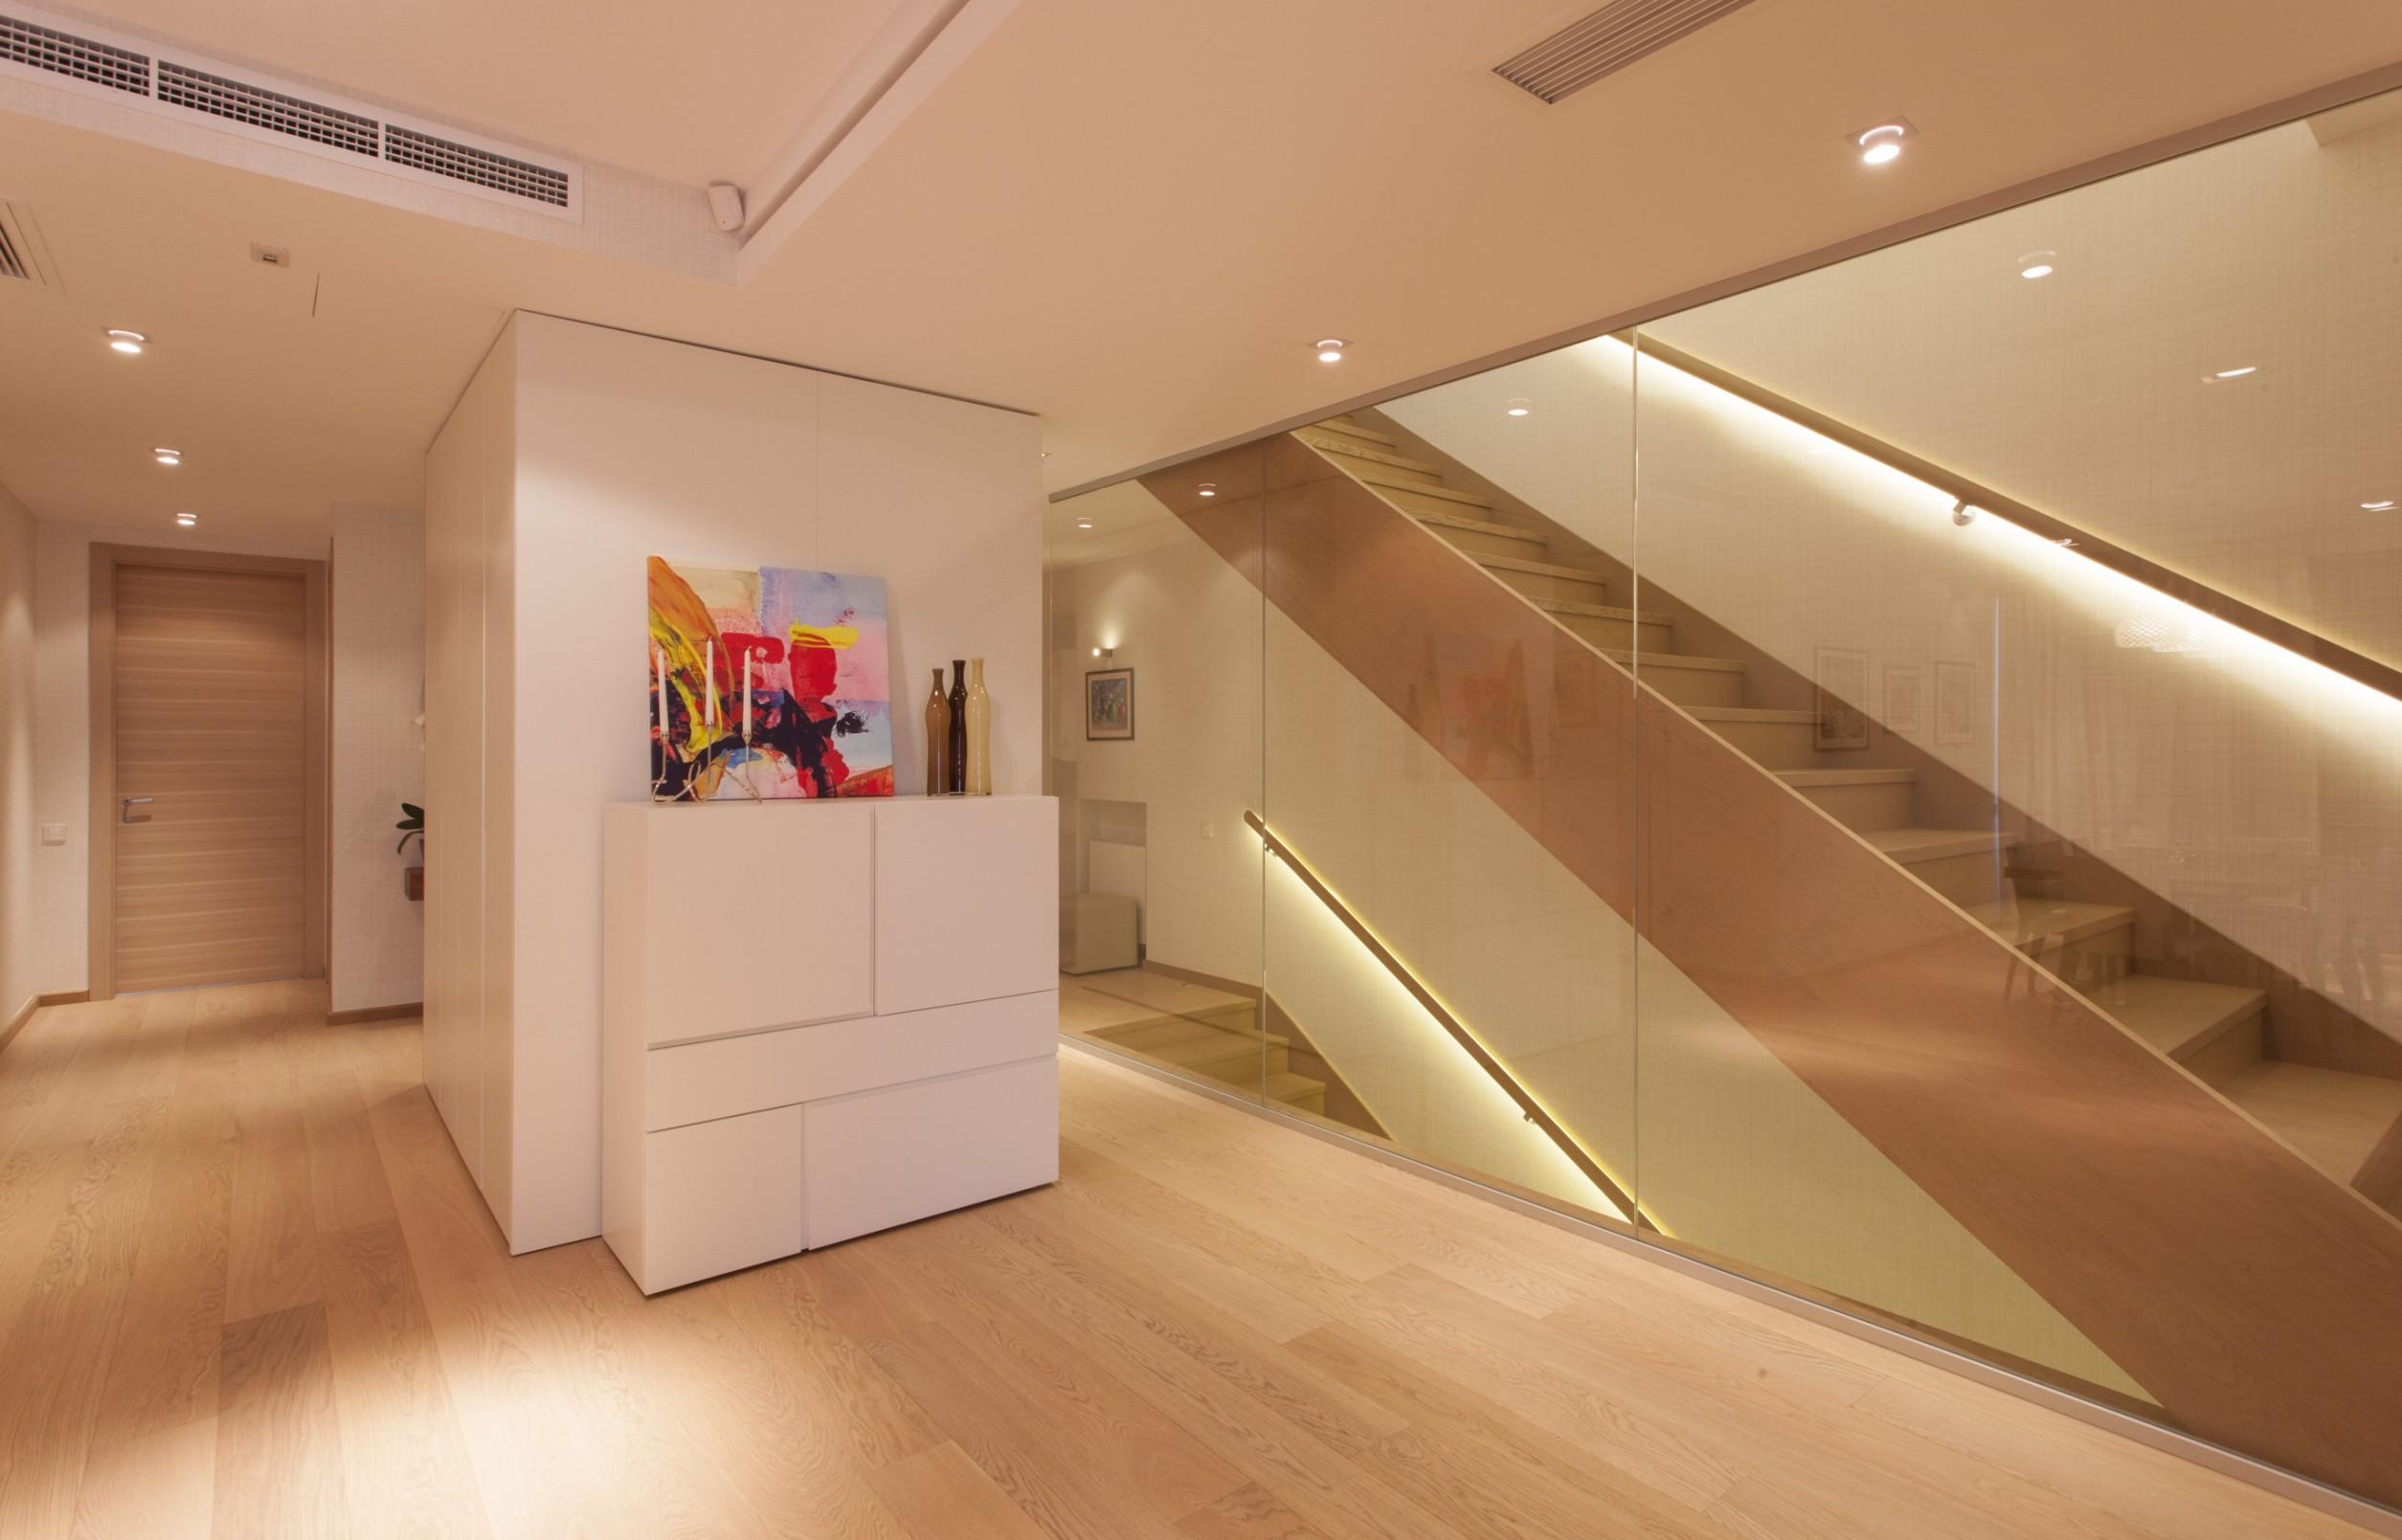 https://nbc-arhitect.ro/wp-content/uploads/2020/10/NBC-Arhitect-_-Petofi-Sandor-_-Housing-_-interior-design_15.jpg